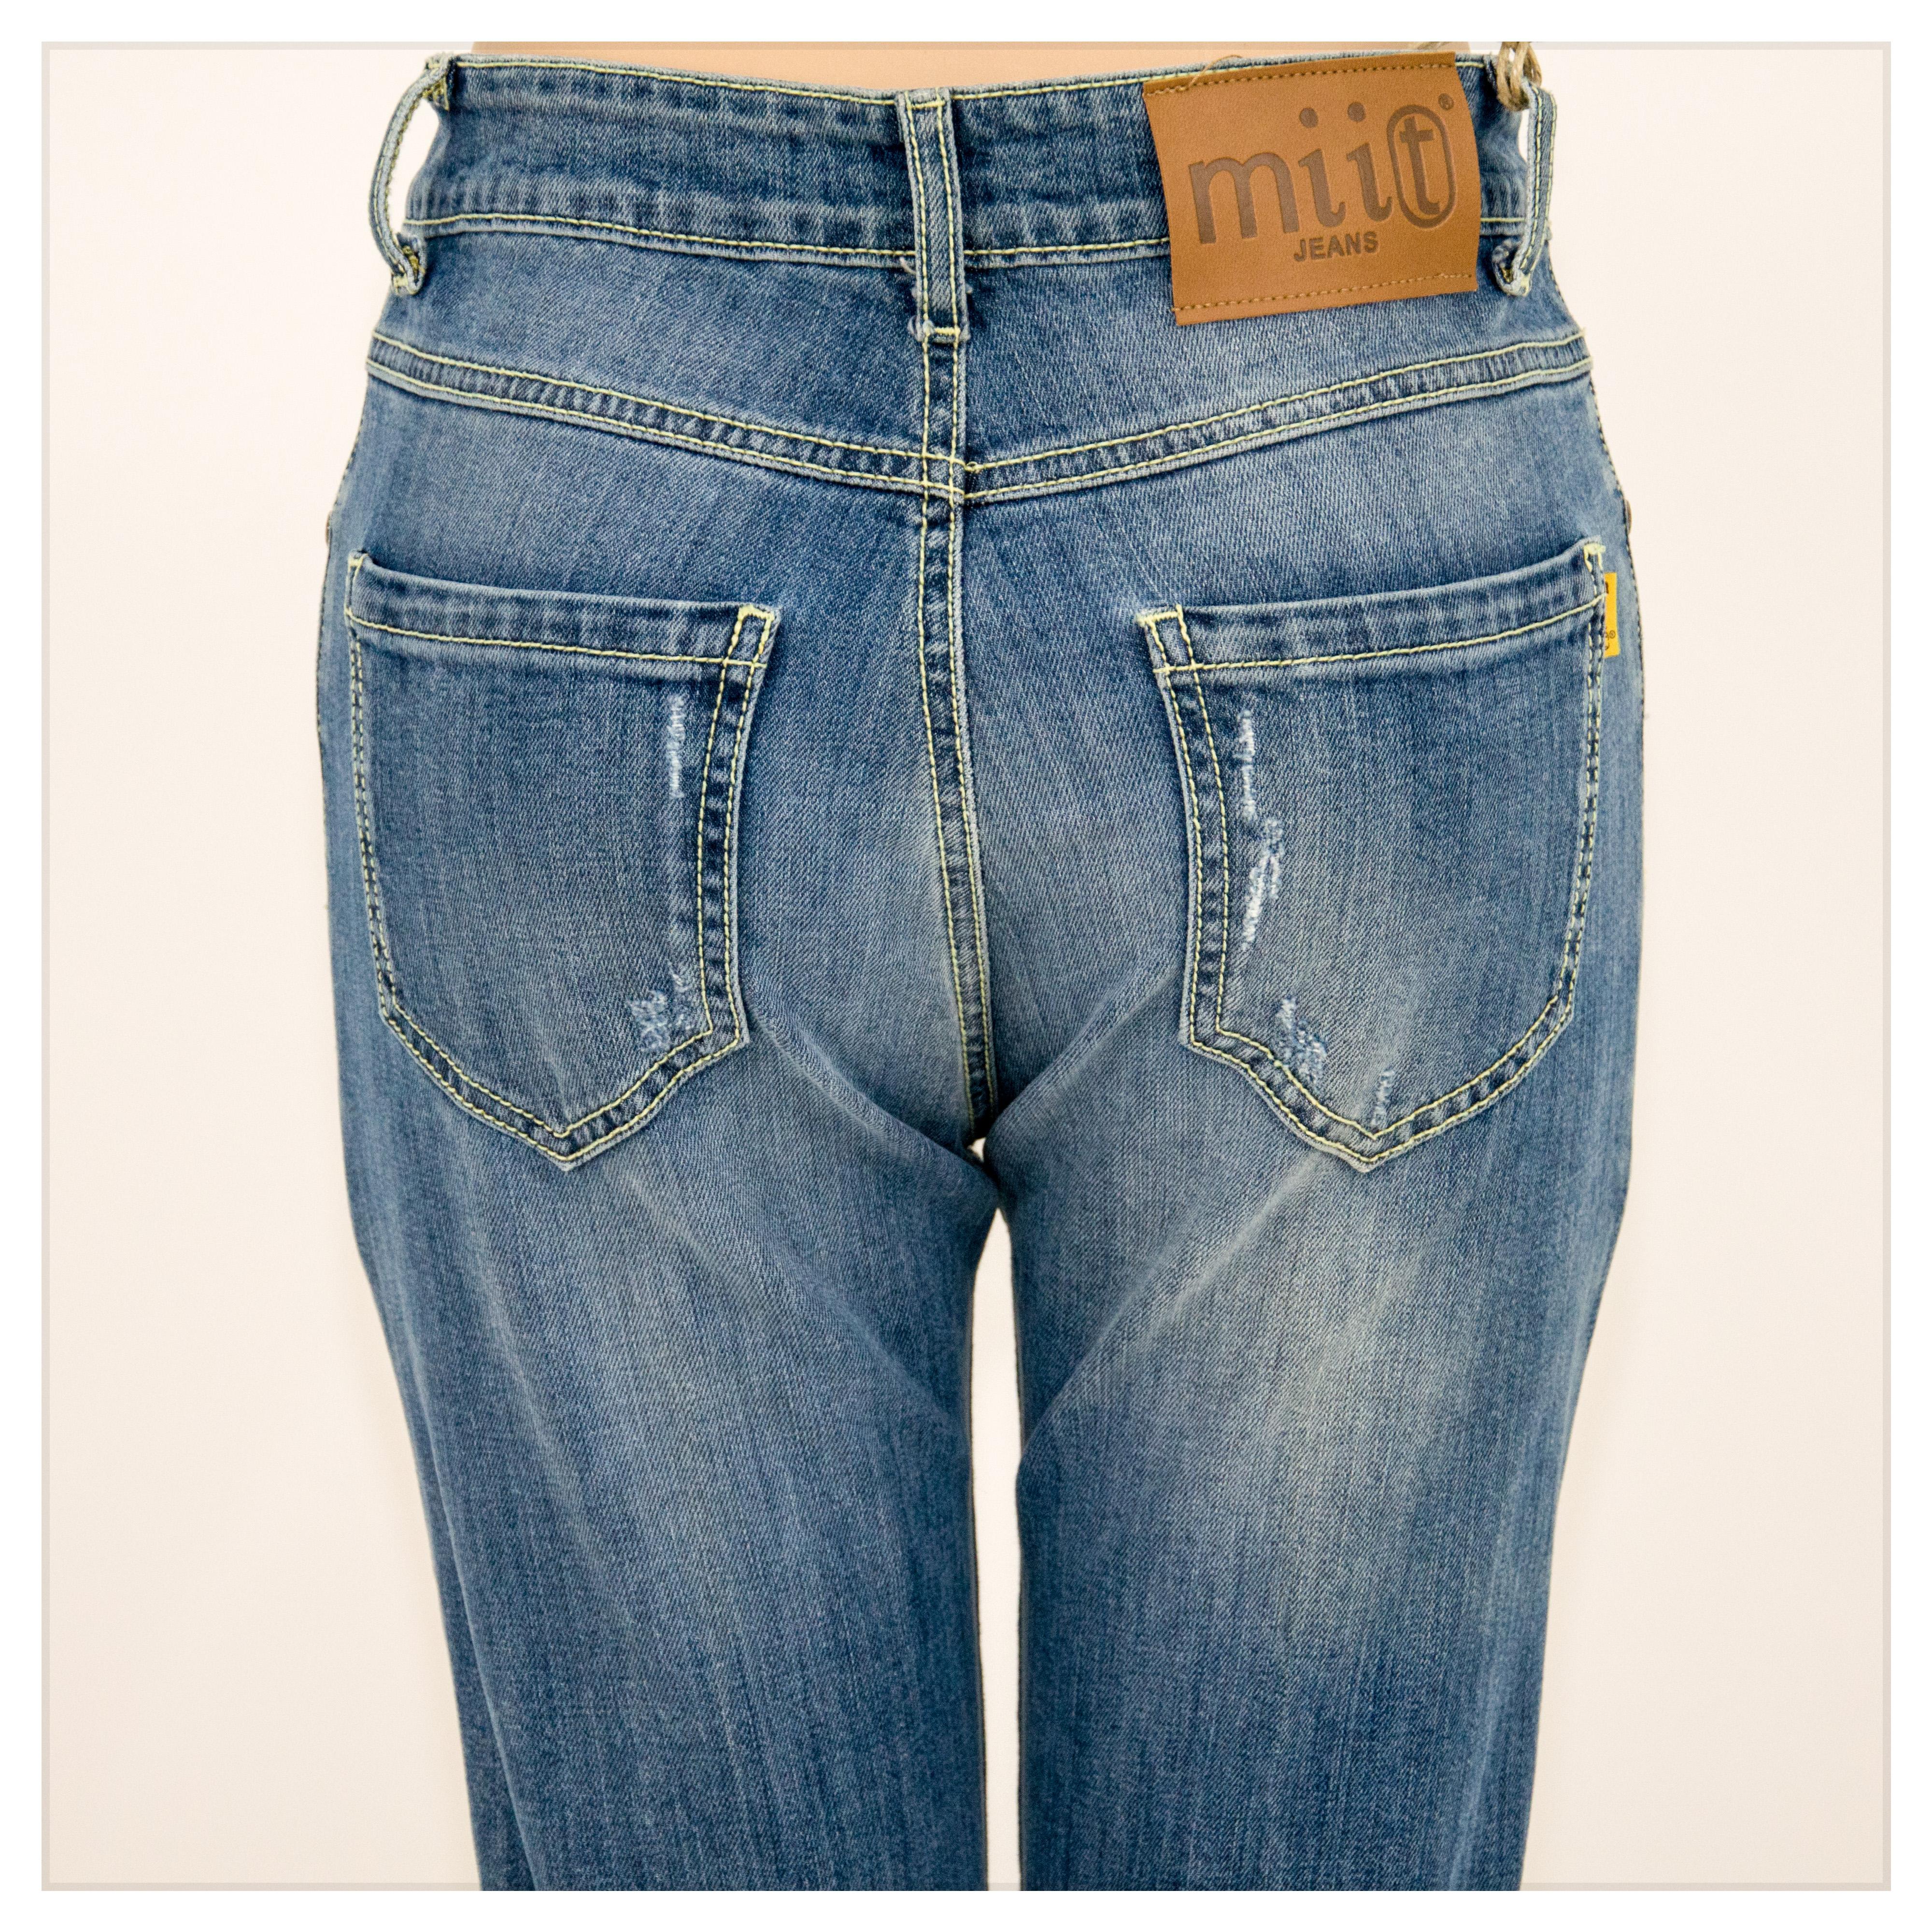 Jeans donna denim Abbigliamento donna Bristil abbigliamento